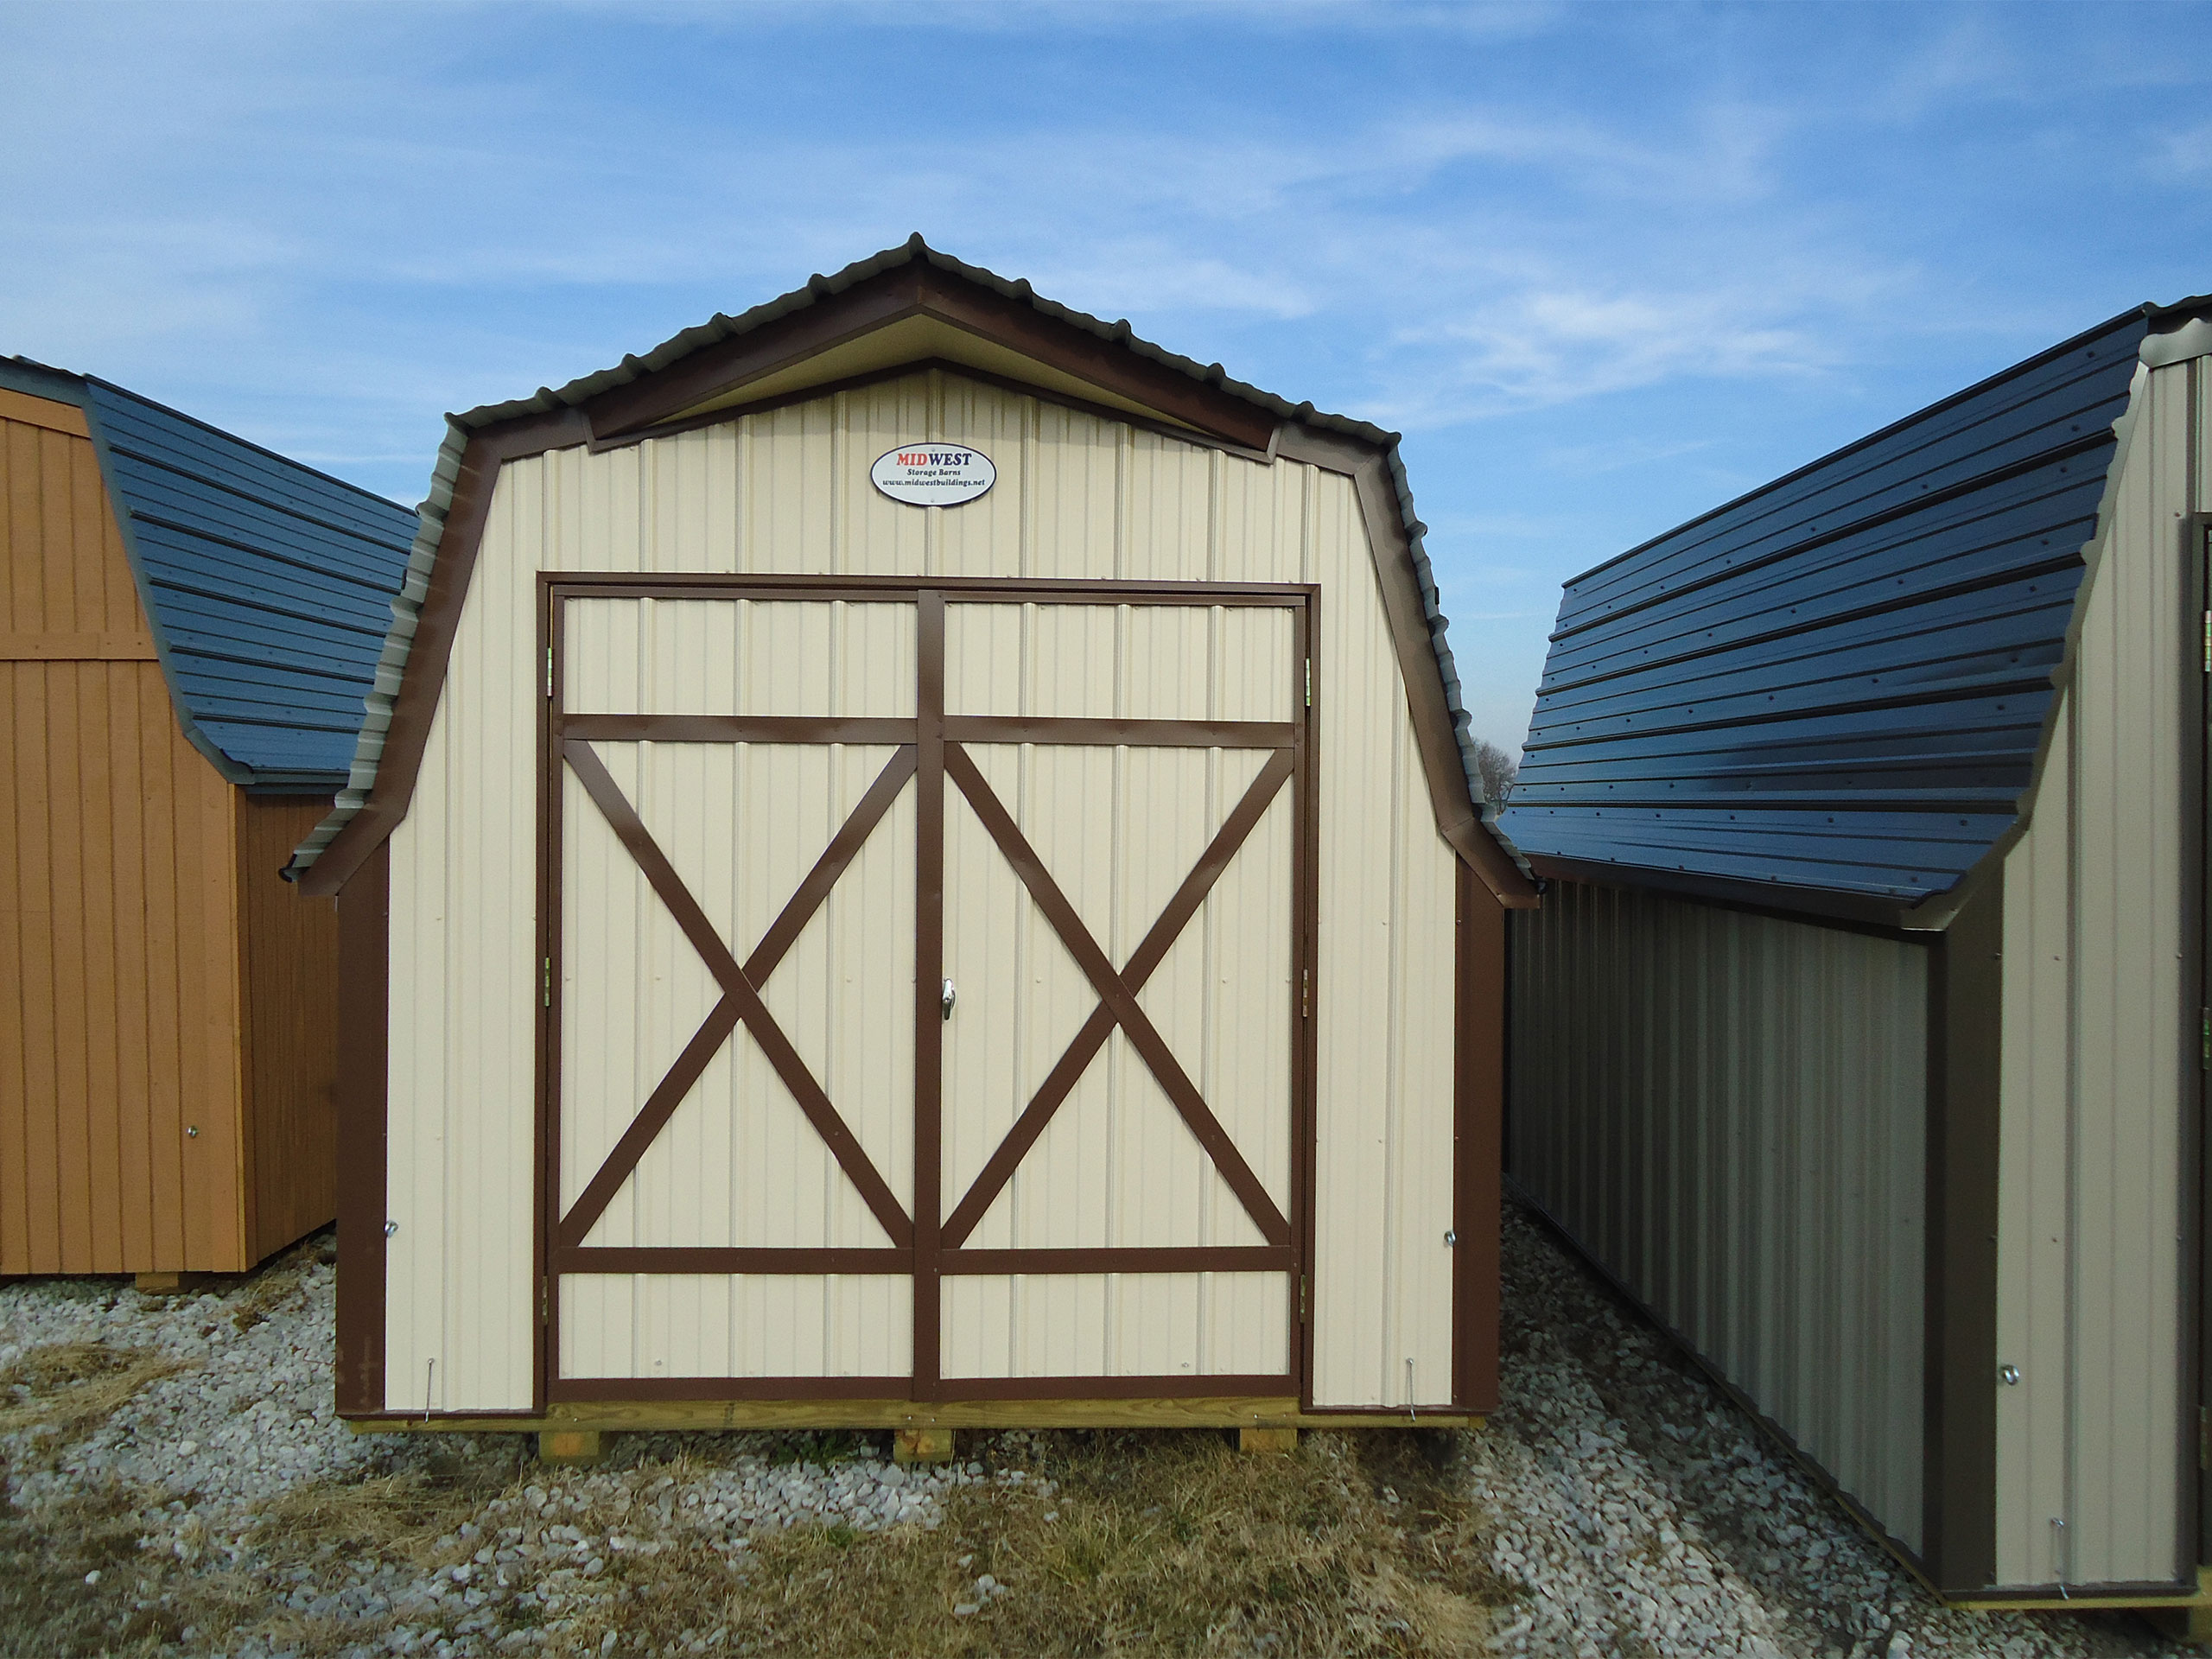 Mini barns midwest storage barns for Small metal barns